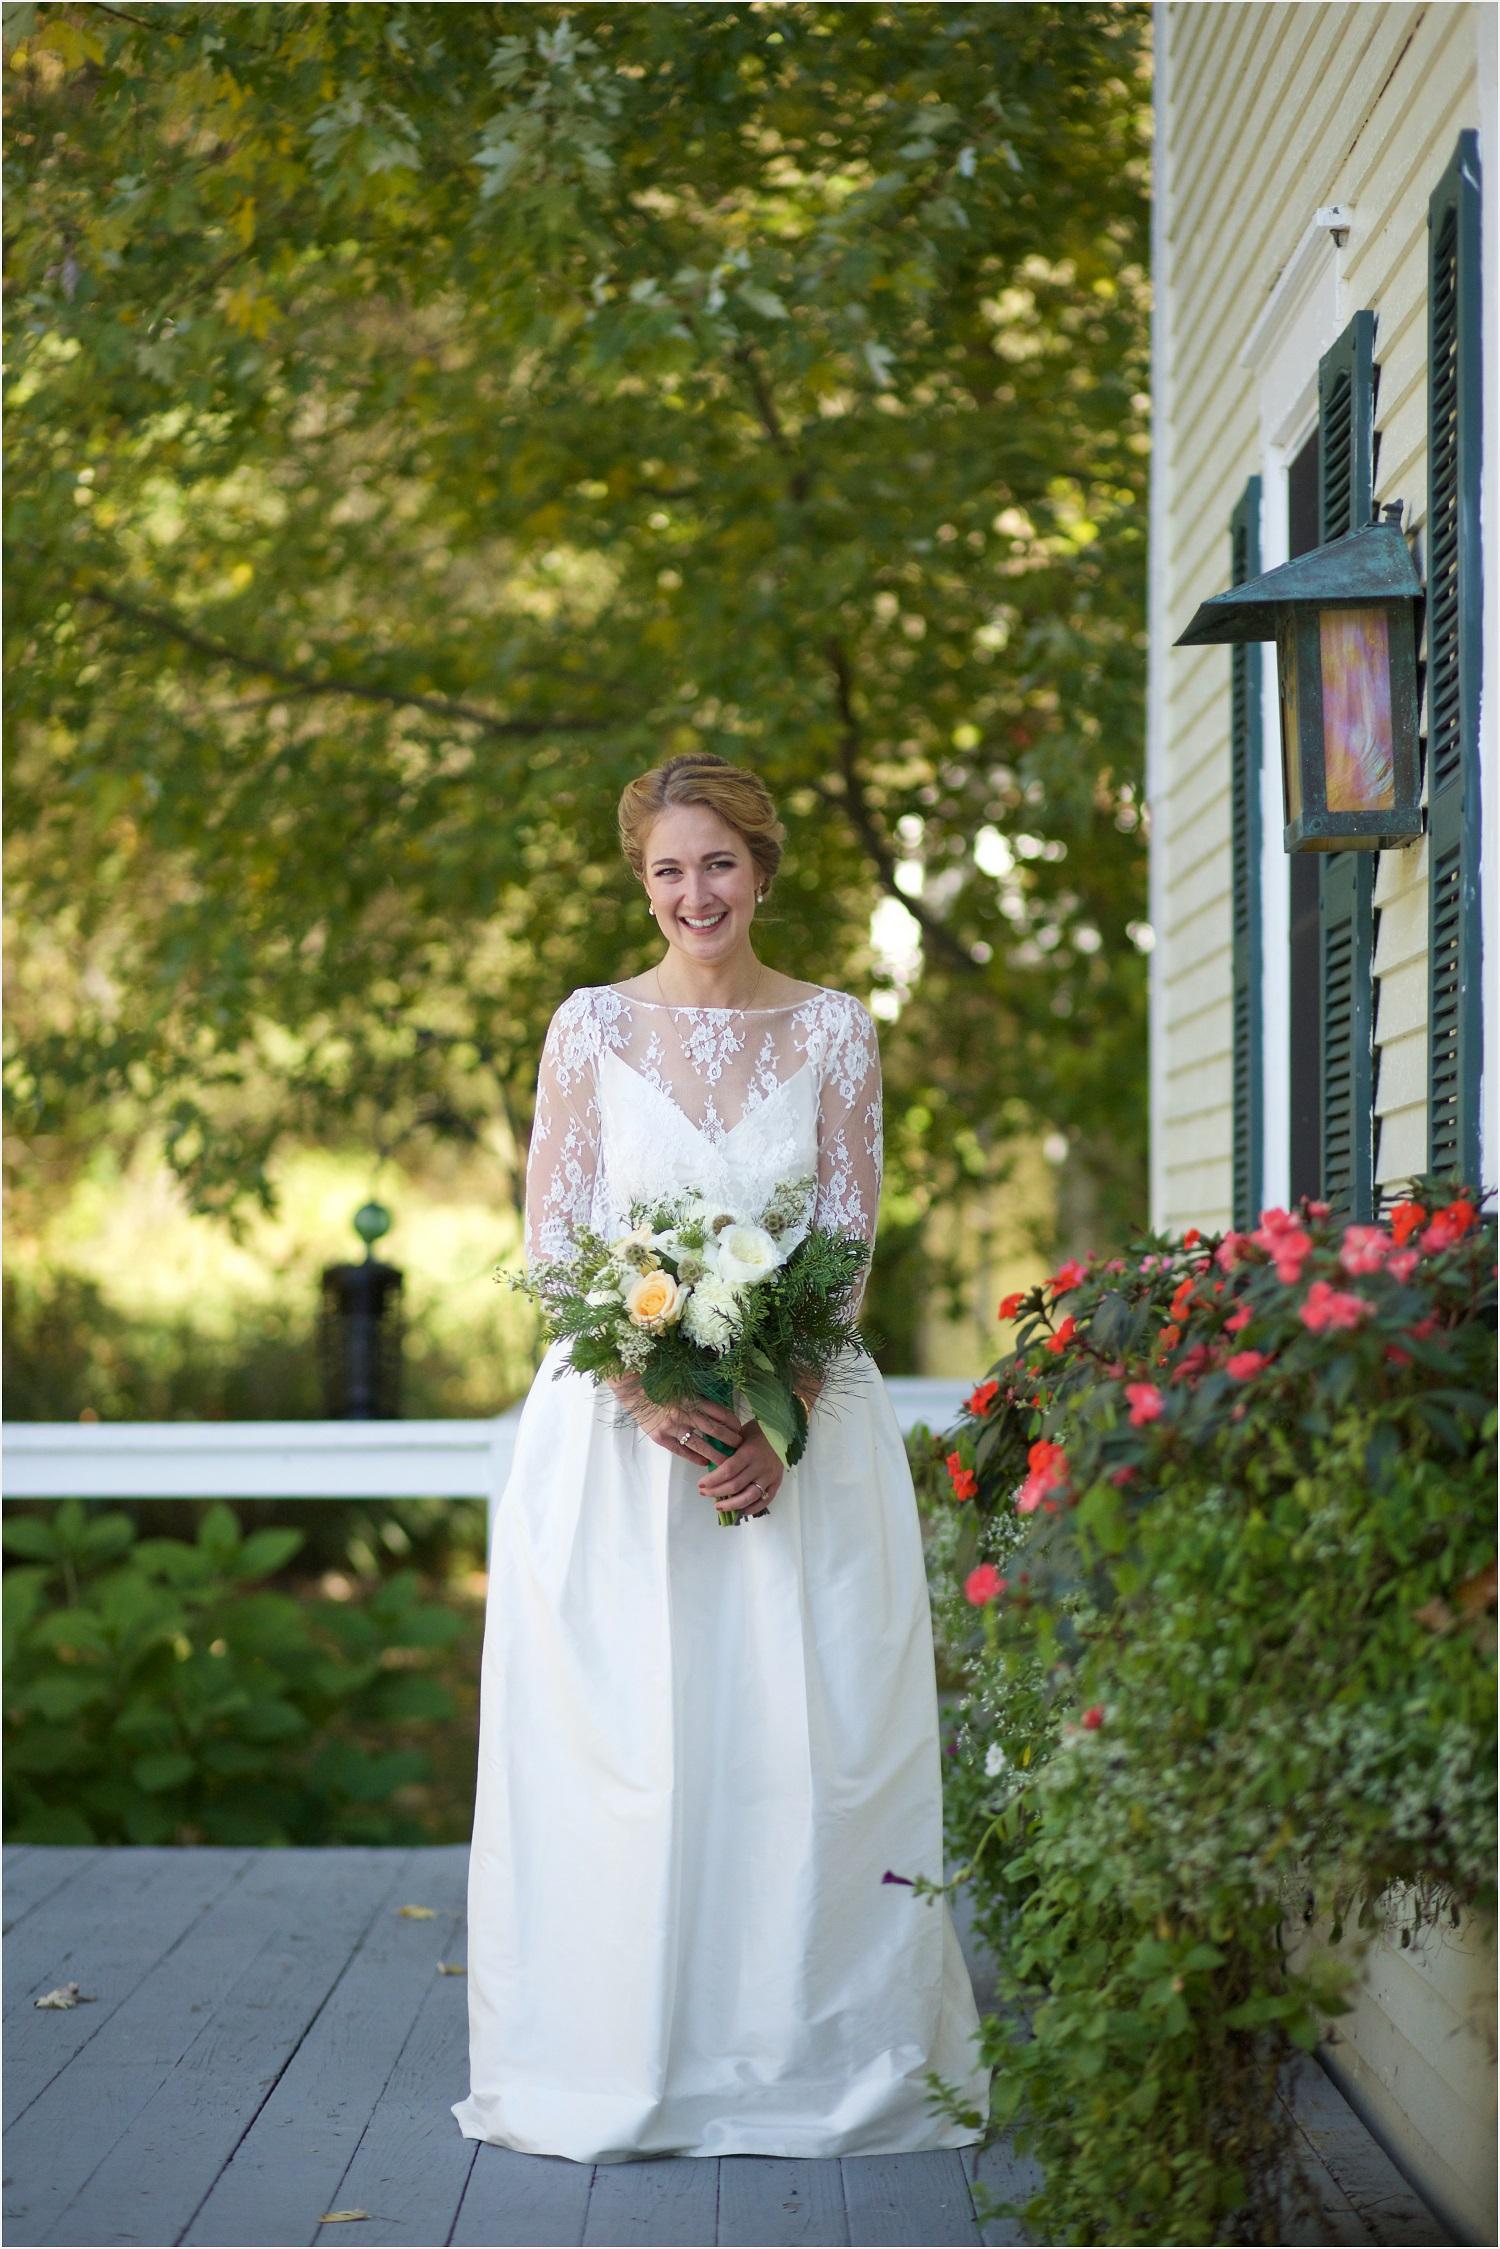 aphroditeweddingphotos.com 9.jpg